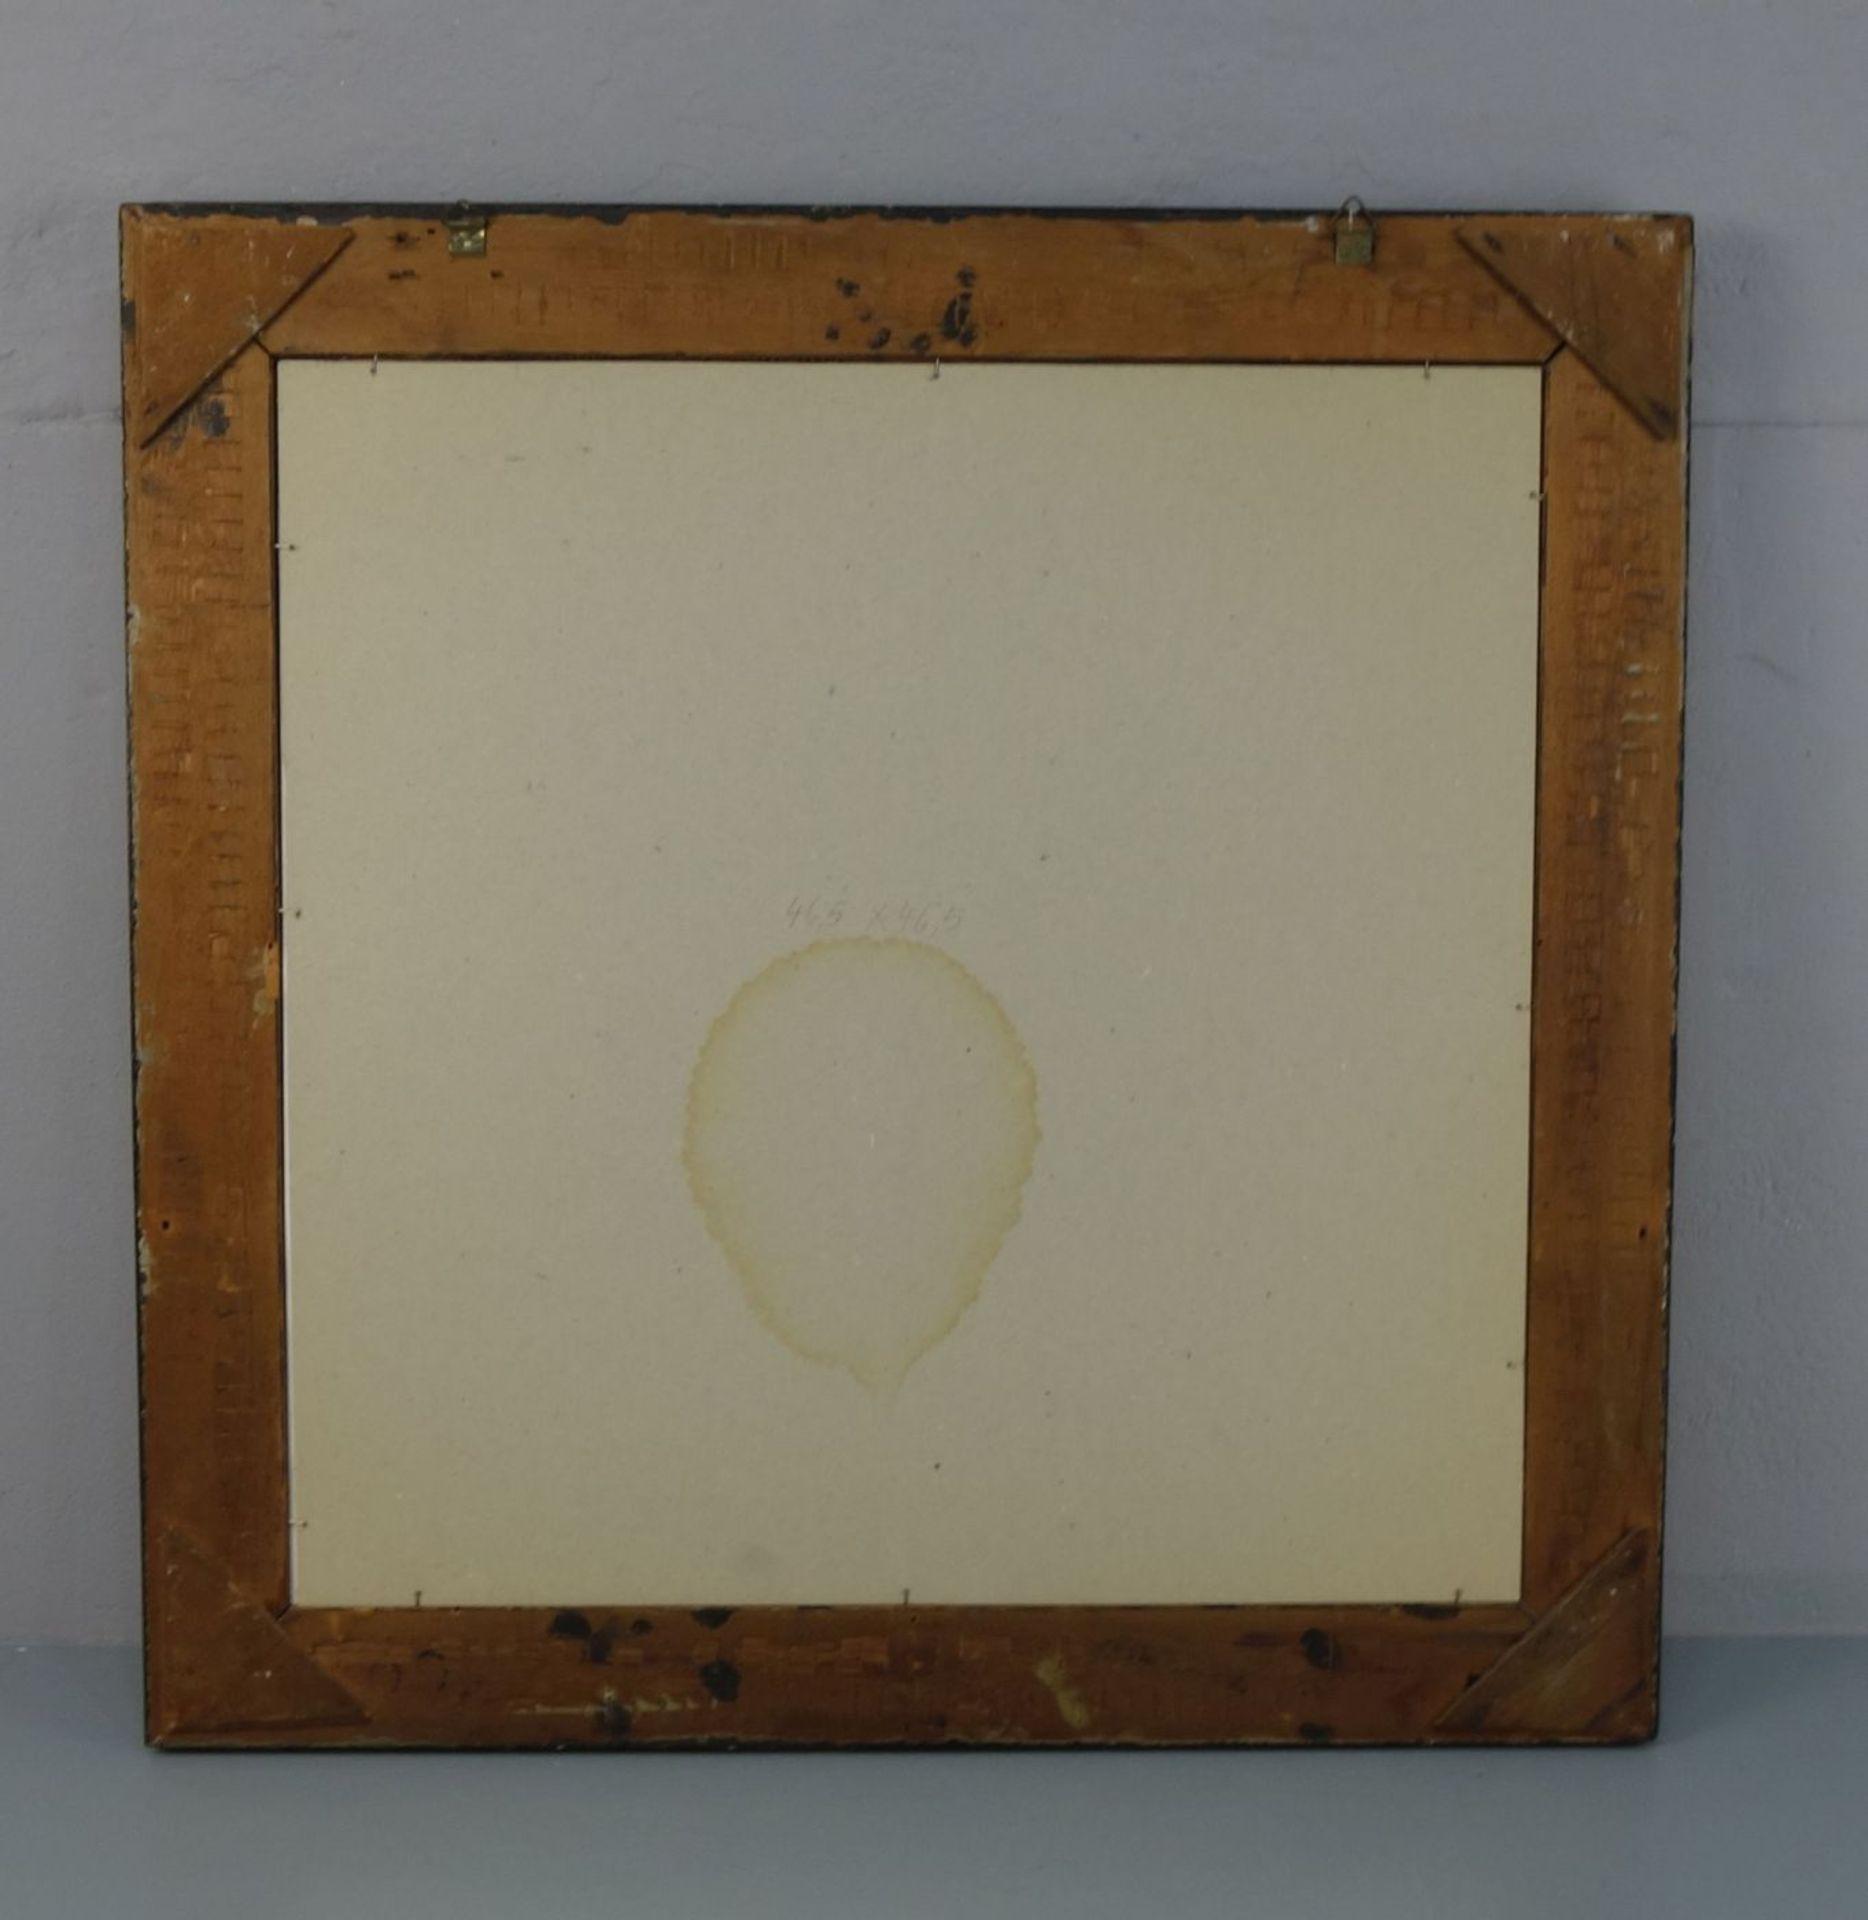 E. V. D. MEHR - GOUACHE - Bild 3 aus 3